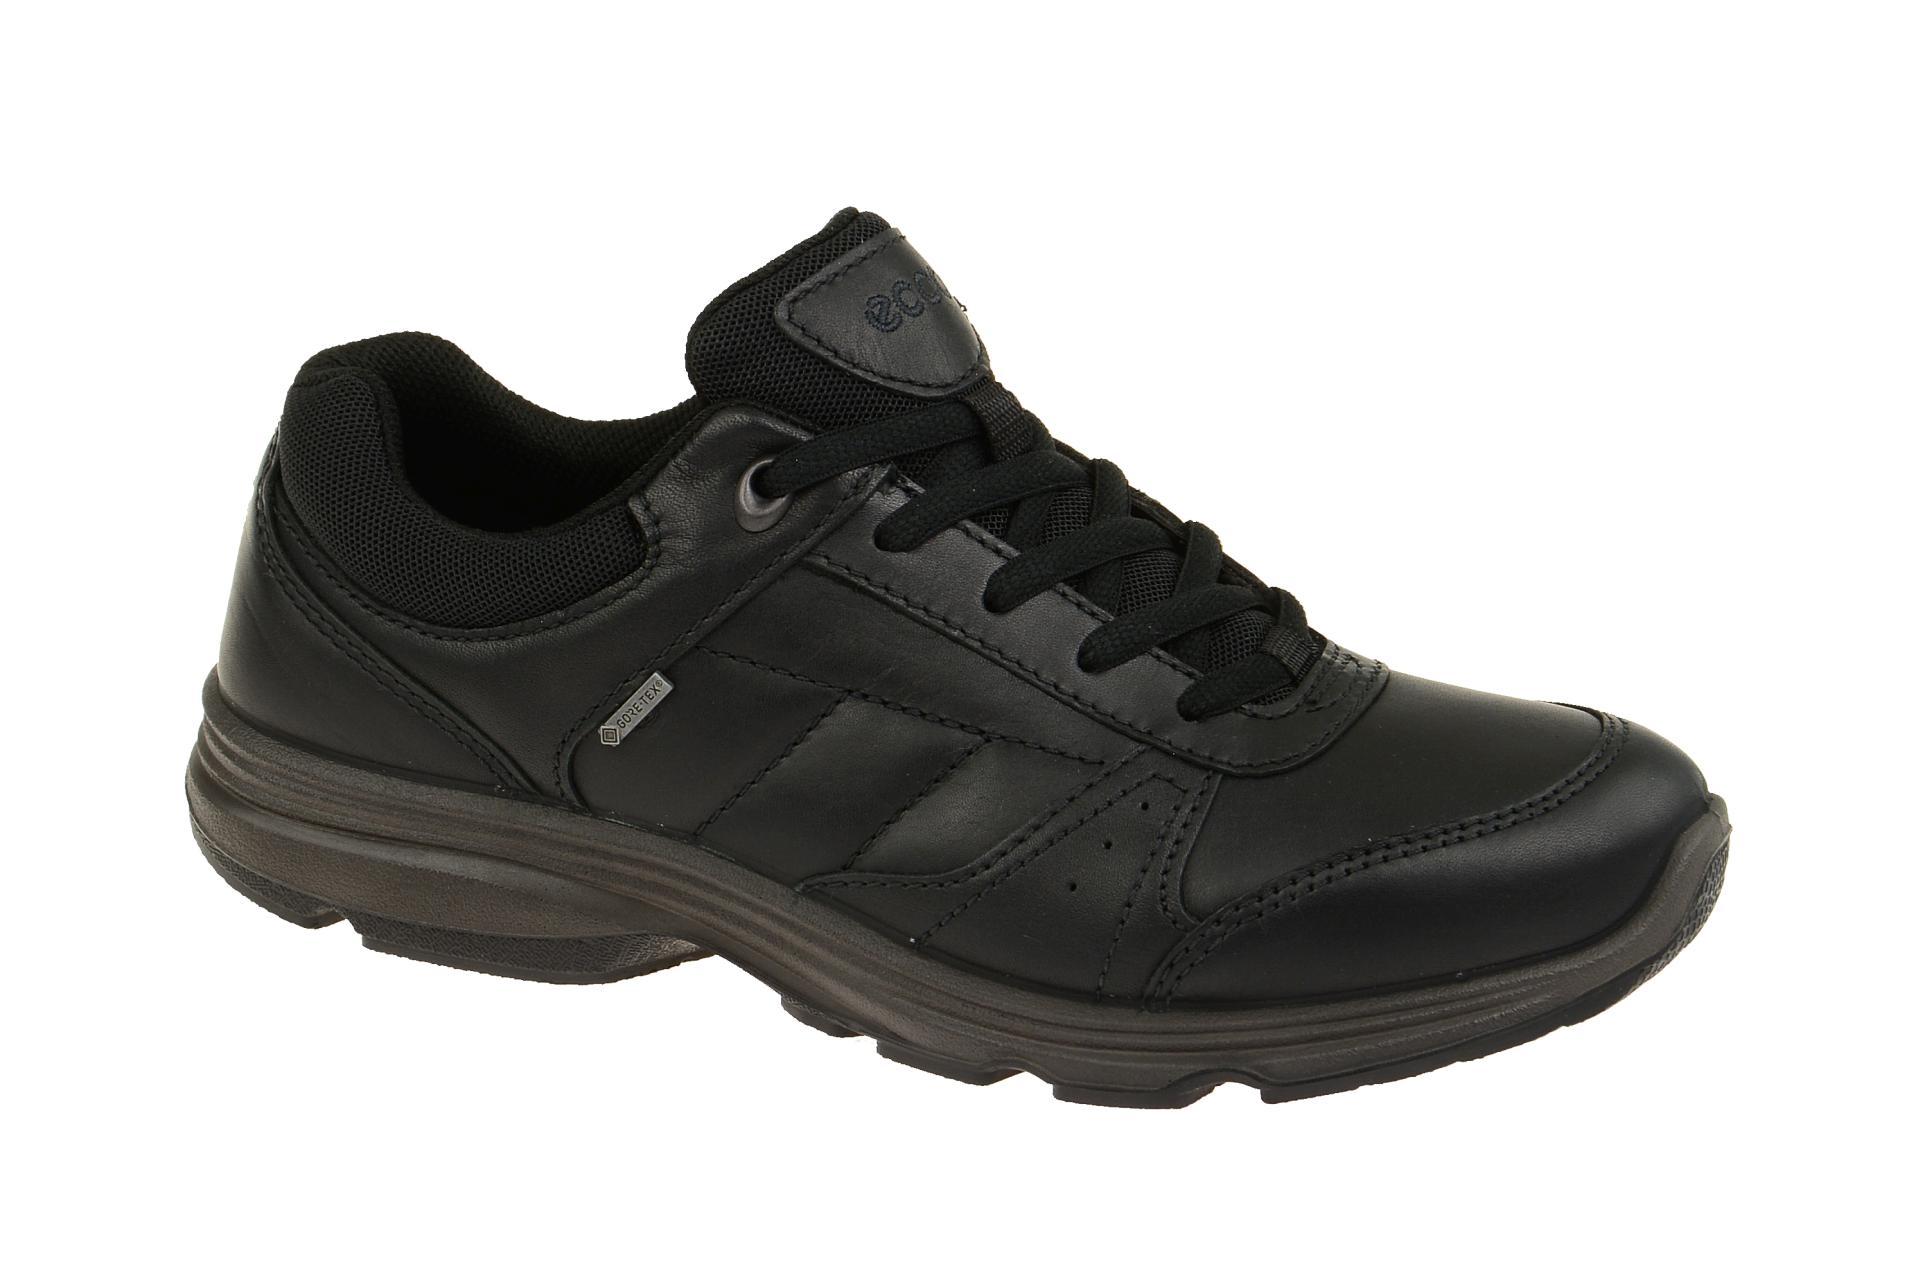 9160a5f084182f Ecco Light 4 Schuhe schwarz Gore-Tex - Schuhhaus Strauch Shop